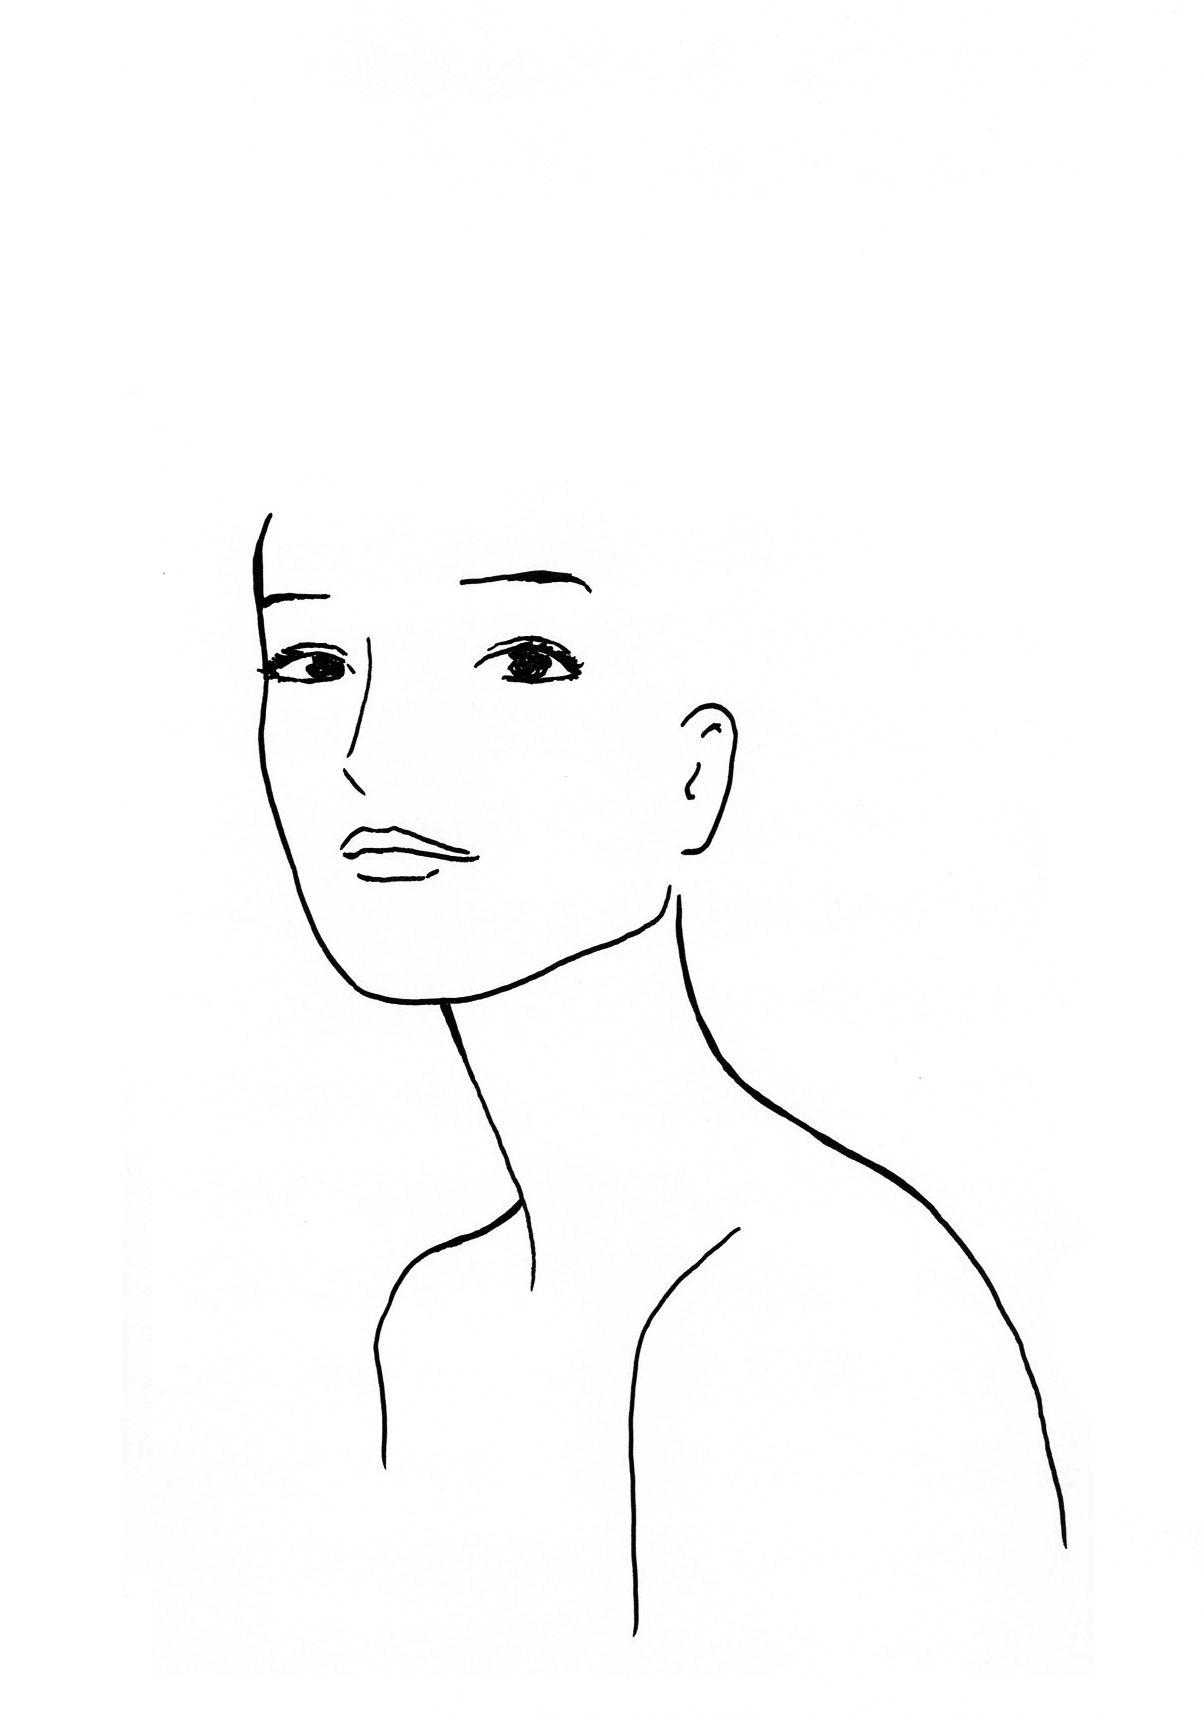 Gabarit pour études coiffure / template face Face